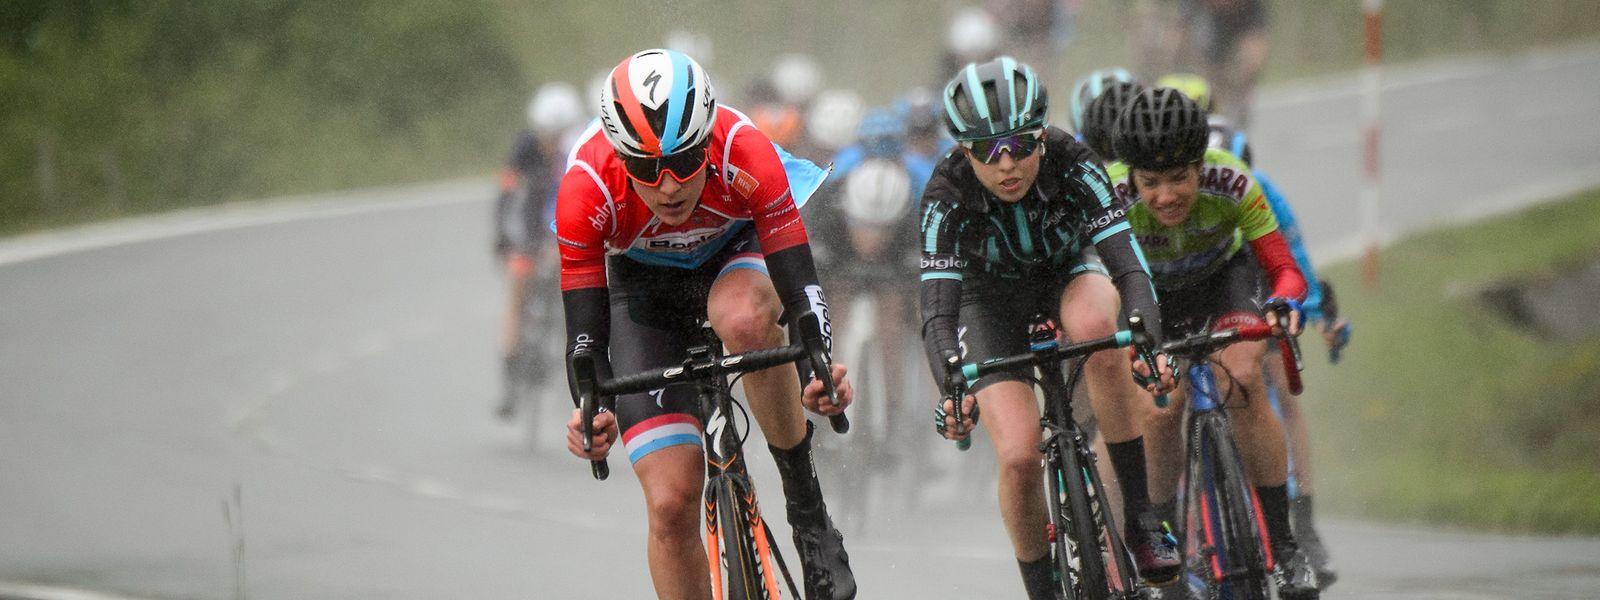 Christine Majerus à l'attaque. La championne nationale poursuit sa remontée à l'Energy Women's Tour.